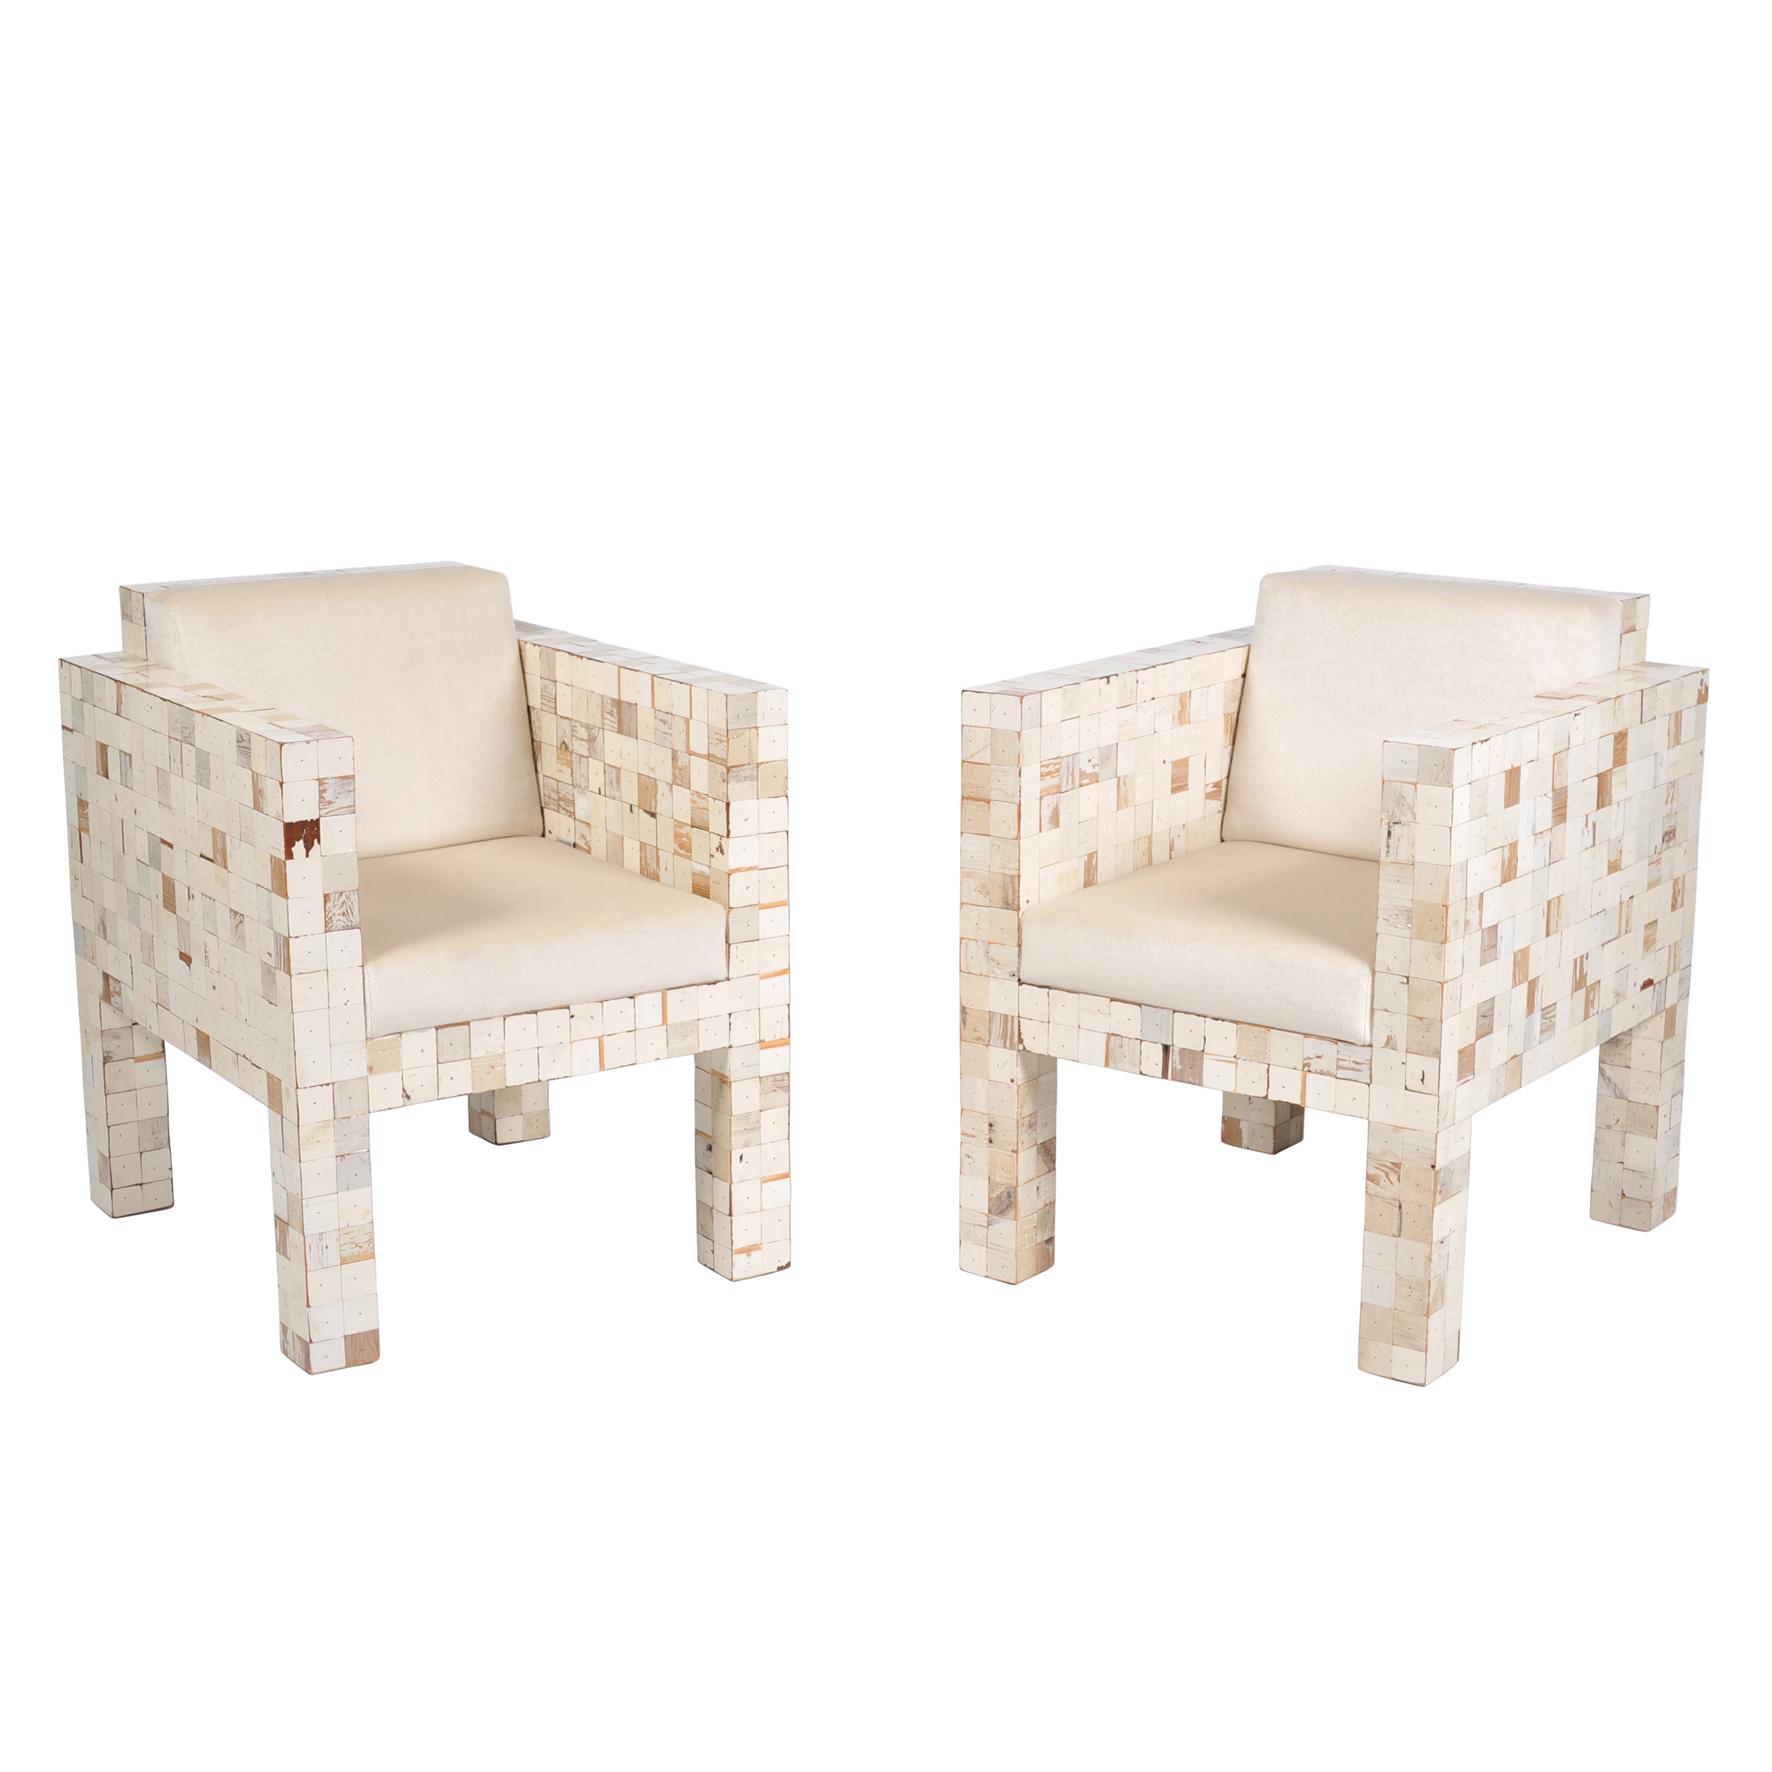 2 fauteuils witte bekleding